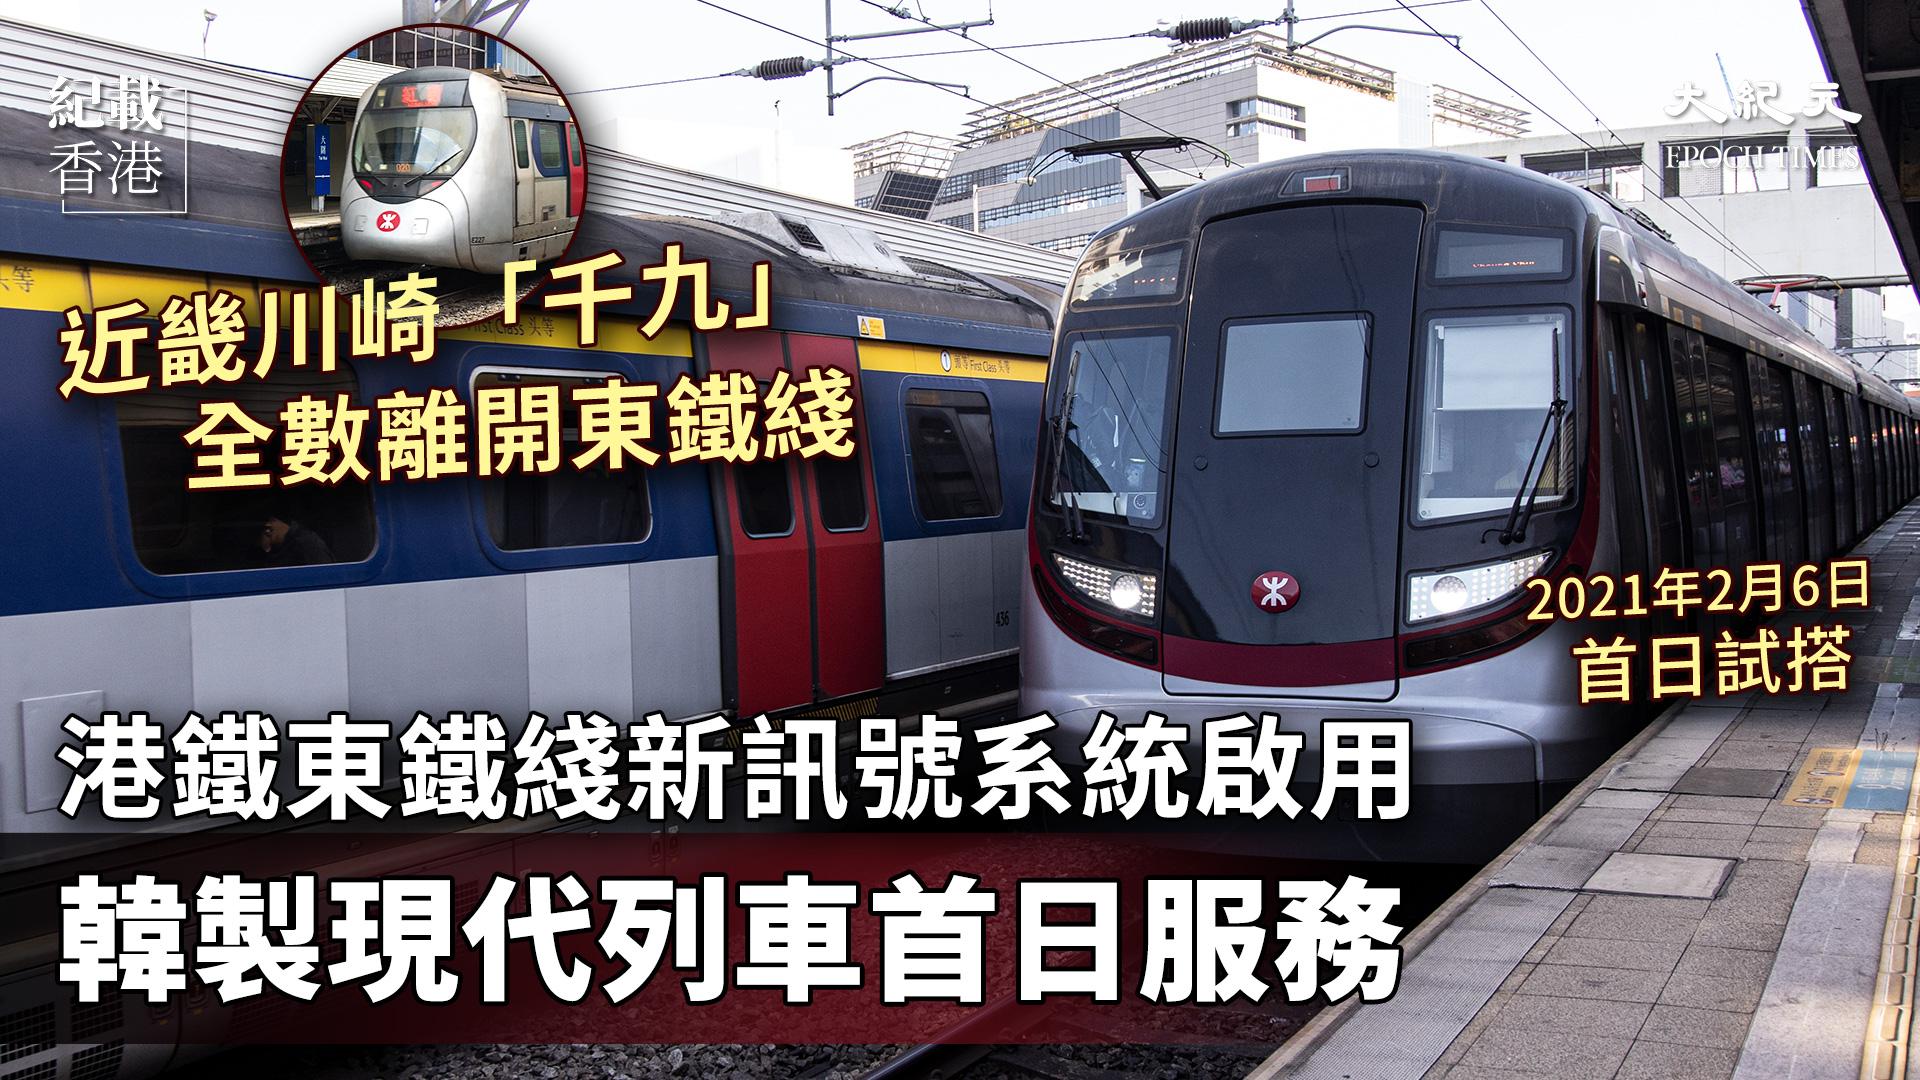 2021年2月6日,港鐵東鐵綫新訊號系統啟用,同日港鐵東鐵綫現代列車(MTR Hyundai Rotem EMU,簡稱R-Train)投入服務,列車卡數由12卡減為9卡。(設計圖片)